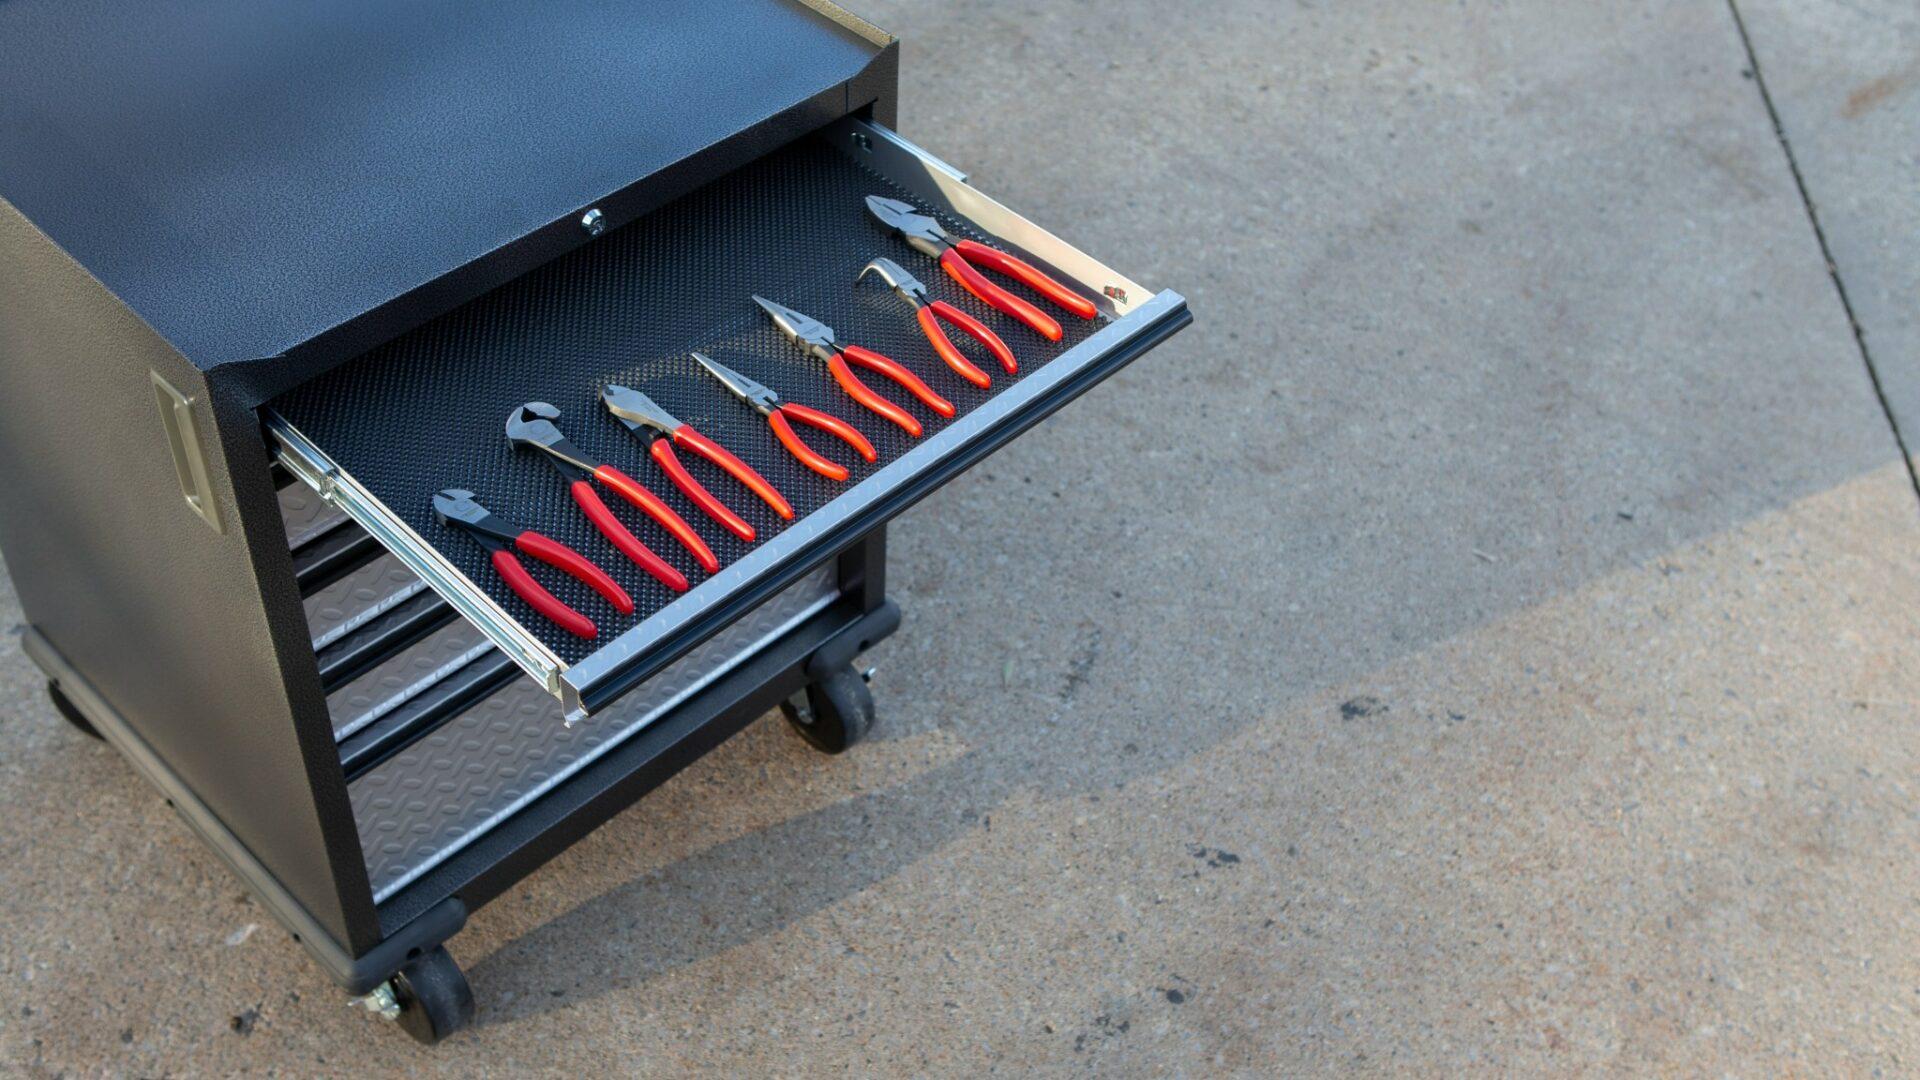 Kvalitné vybavenie dielne je kovové, robustné aflexibilné. Poradíme, ako sa vňom vyznať